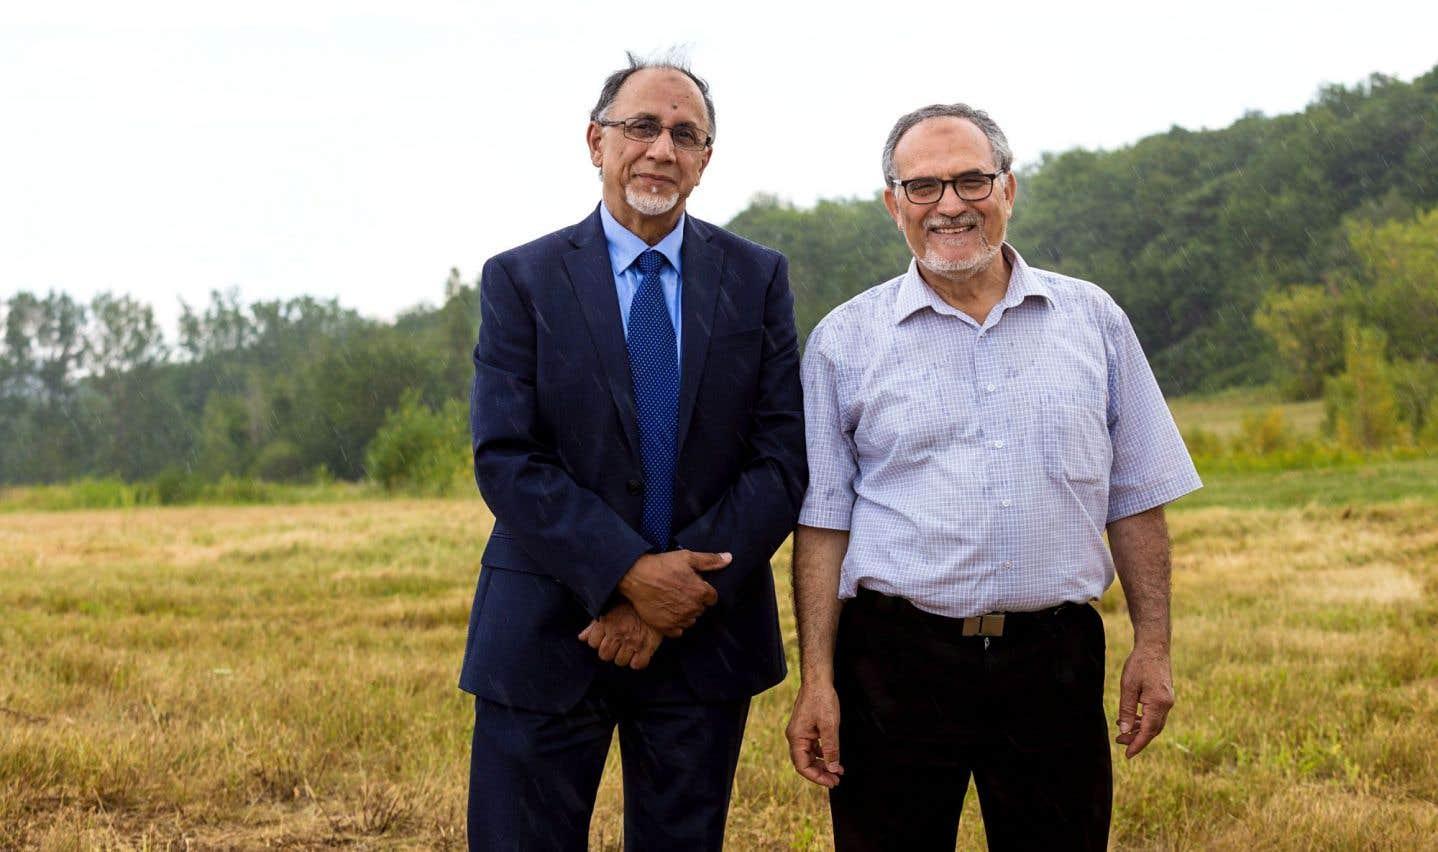 Le coordonnateur par intérim du projet de cimetière musulman, Boufeldja Benabdallah, et le président du CCIQ, Mohamed Labidi, se réjouissaient vendredi de récolter le fruit de 20 ans d'efforts.